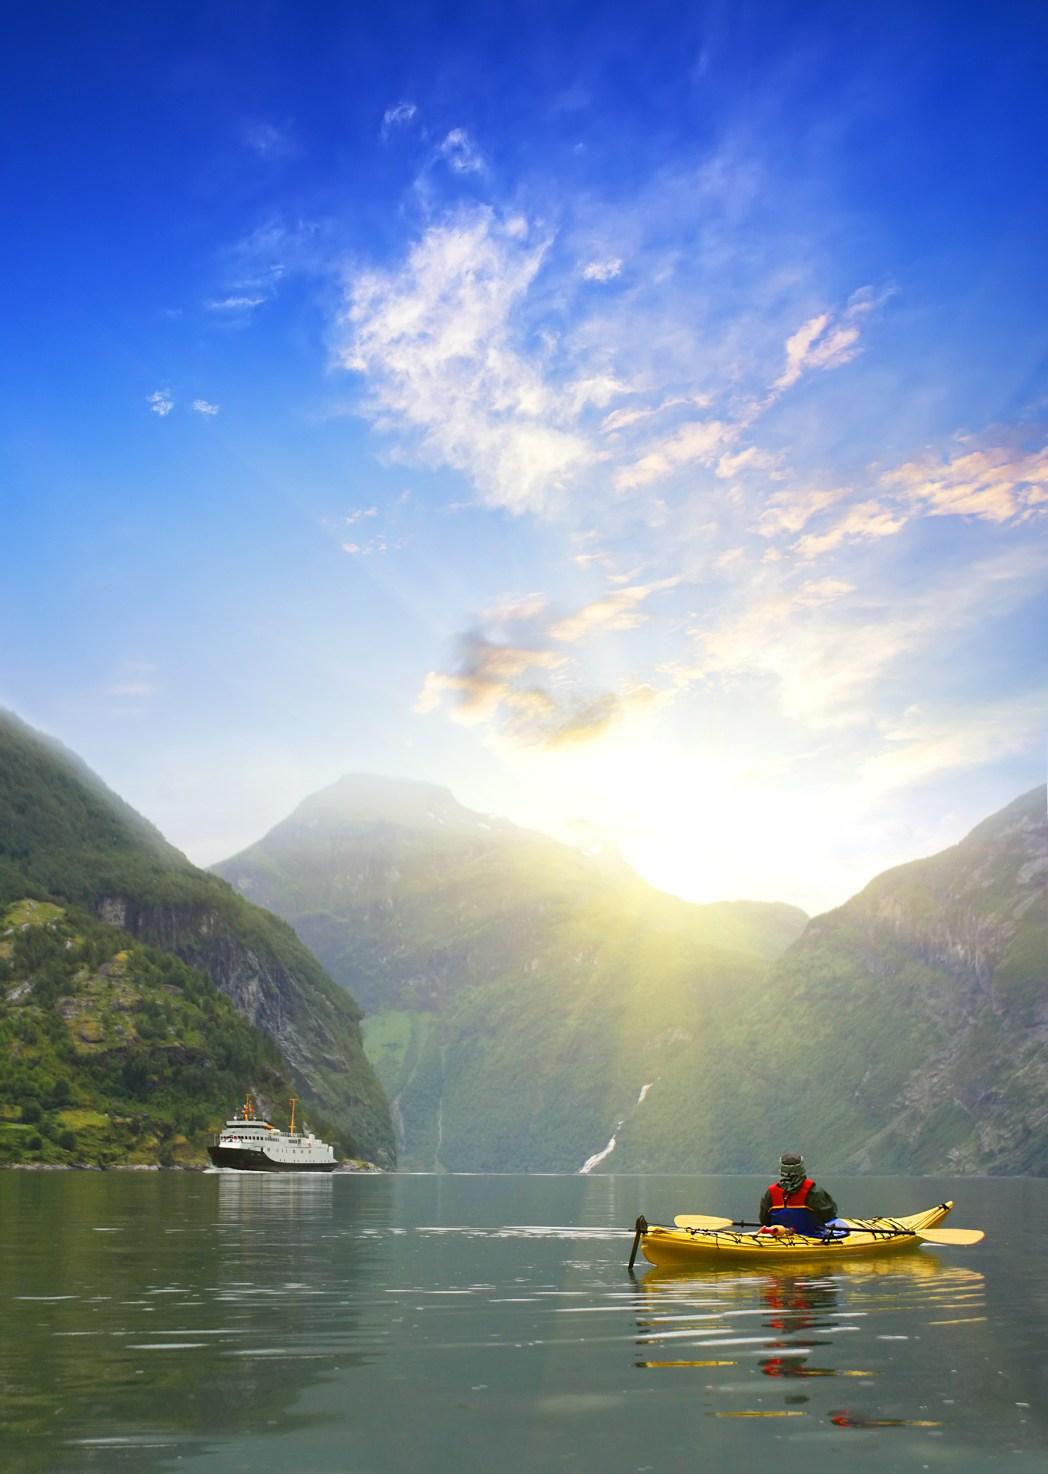 Sehenswürdigkeiten in Norwegen: Kajakfahrt durch den Geirangerfjord